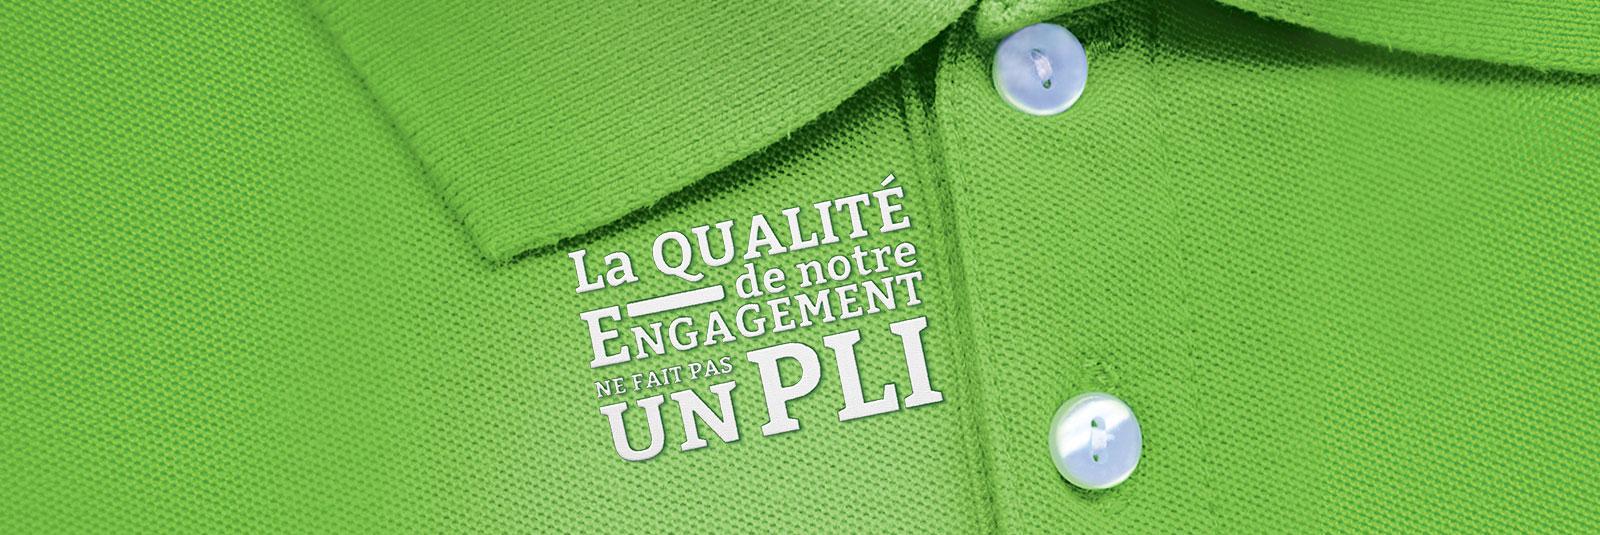 """Polo vert avec deux boutons. A gauche de la boutonnière il est inscrit """"La qualité de notre engagement ne fait pas un pli""""."""